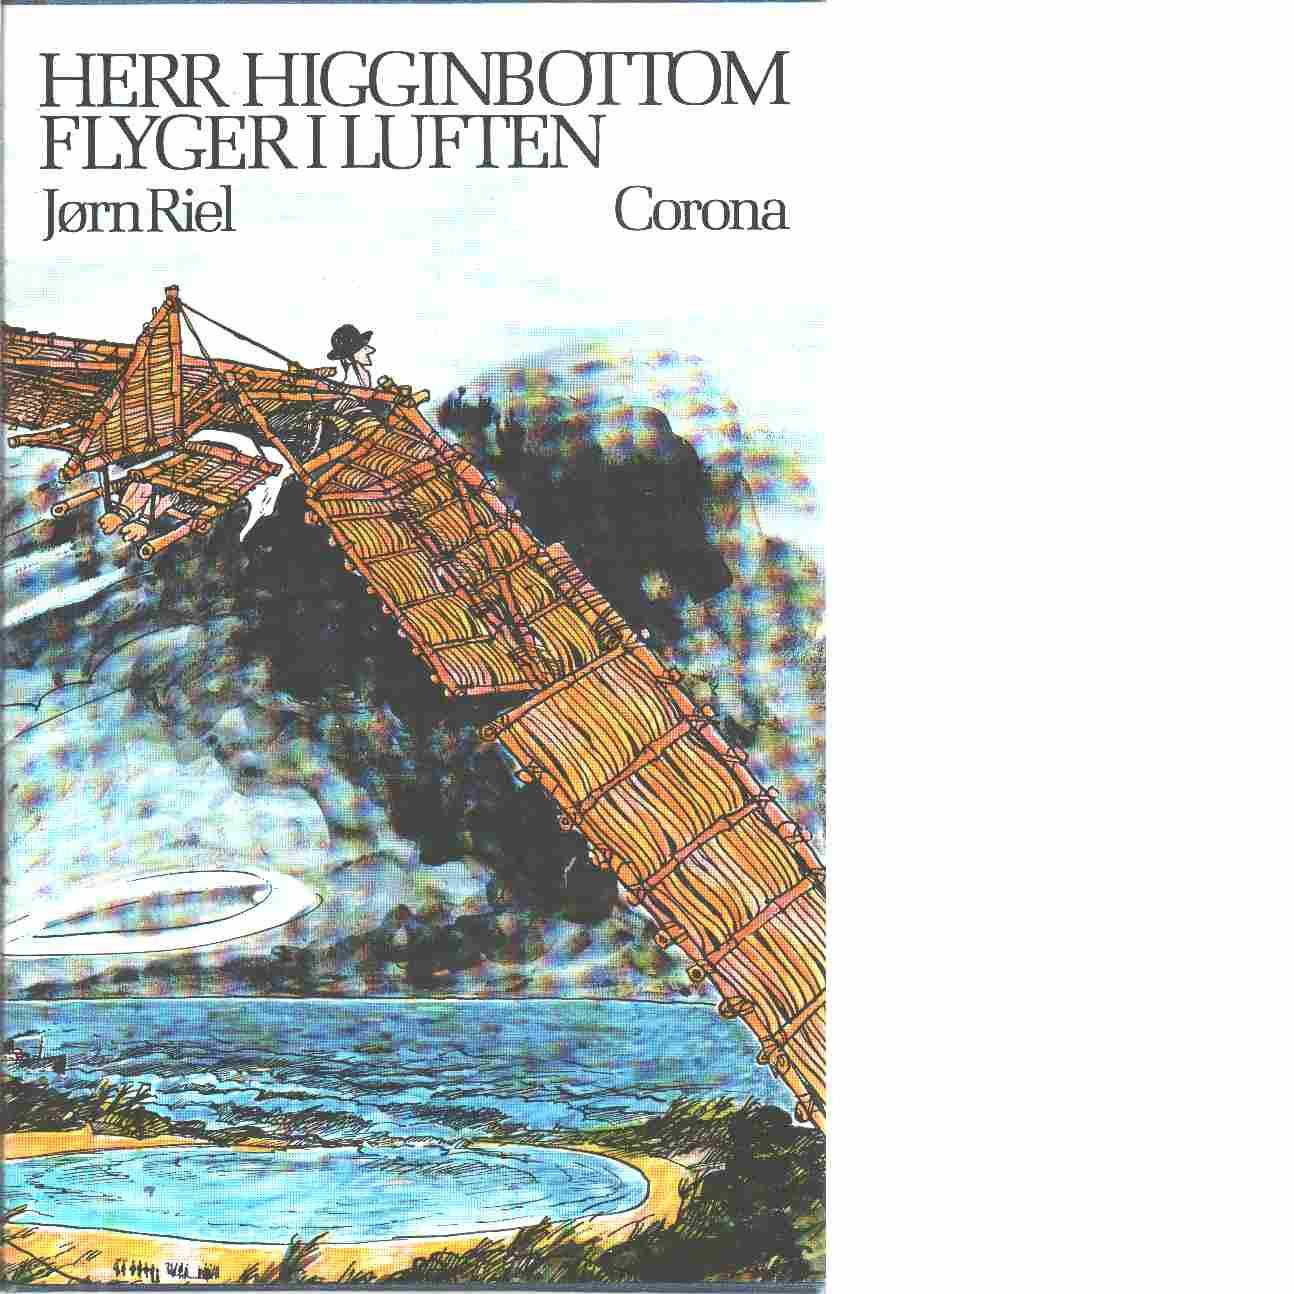 Herr Higginbottom flyger i luften - Riel, Jørn